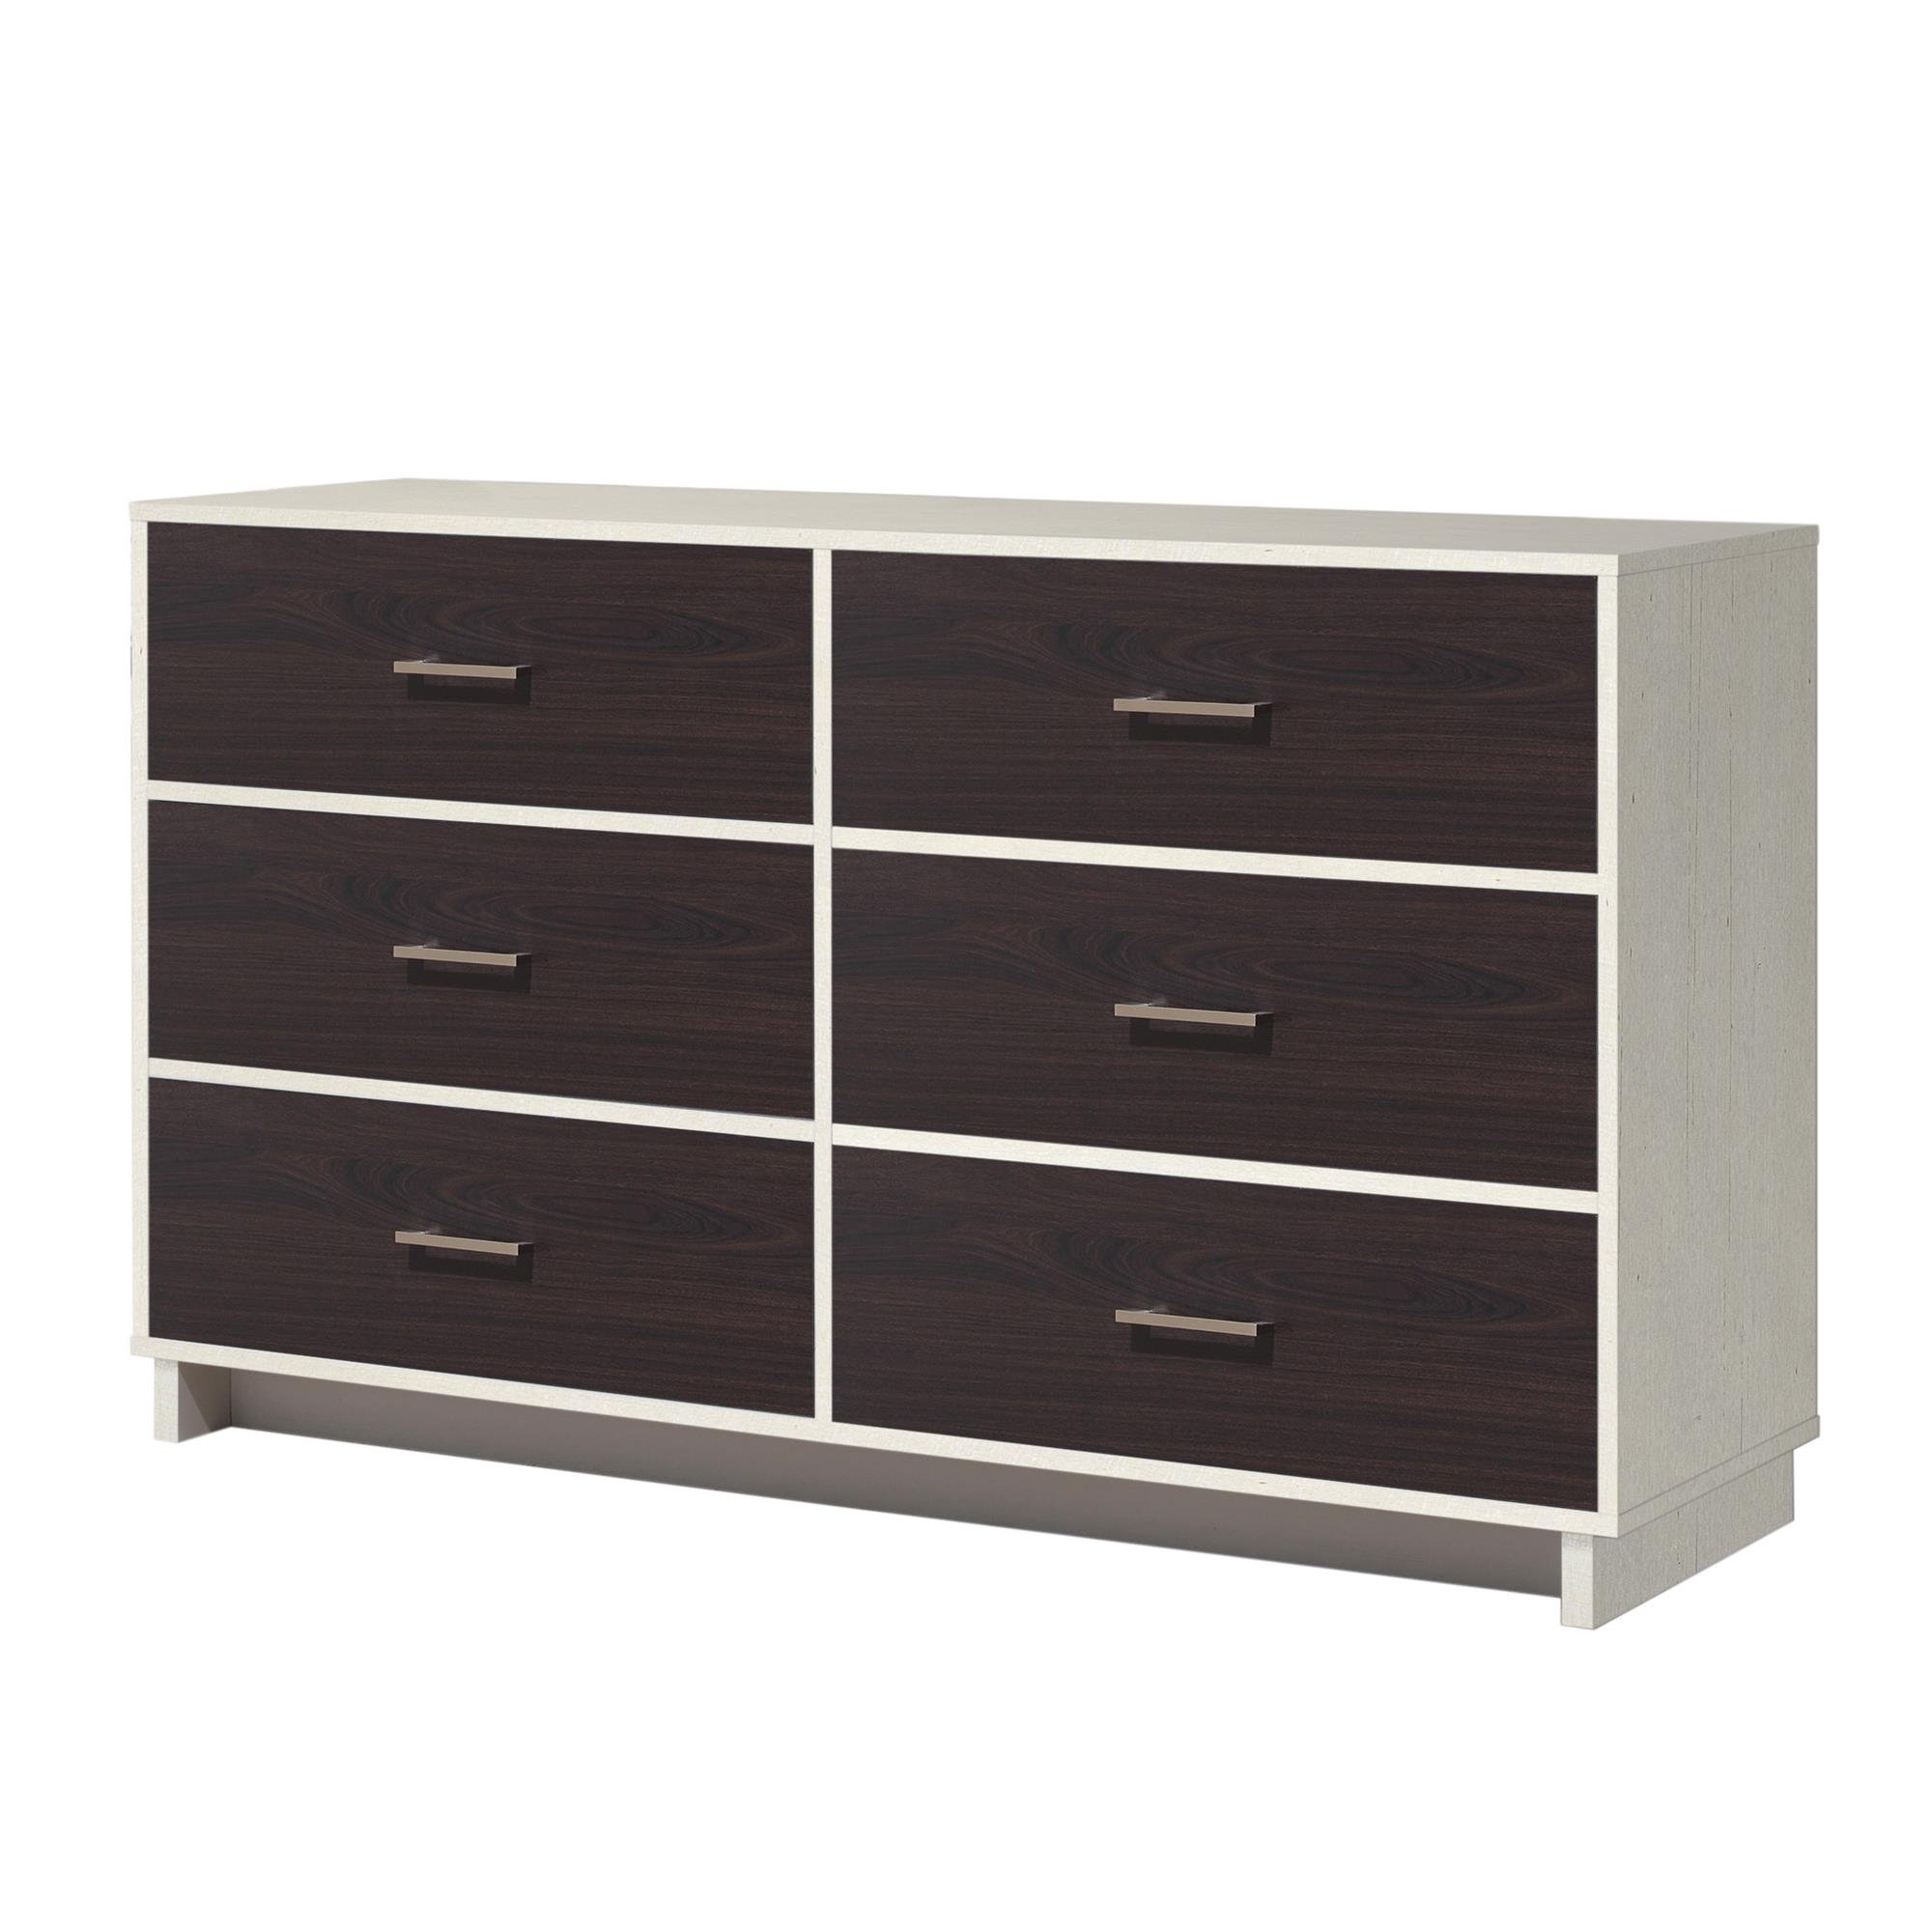 Ameriwood Home Colebrook 6 Drawer Dresser, Vintage White/Espresso